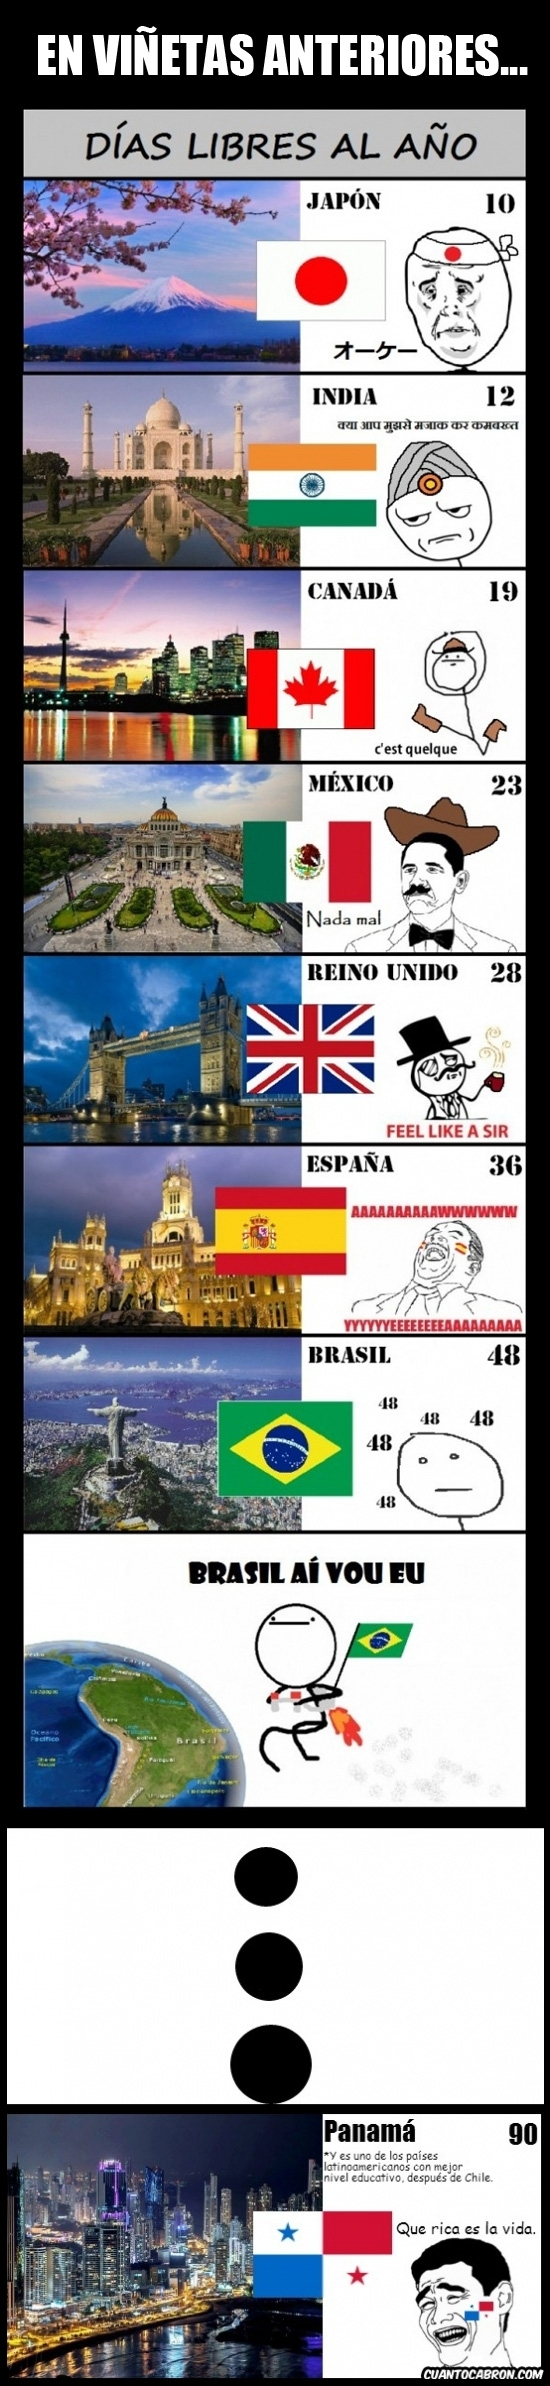 Yao - Y cuando pensabas que en tu país había muchos días festivos...